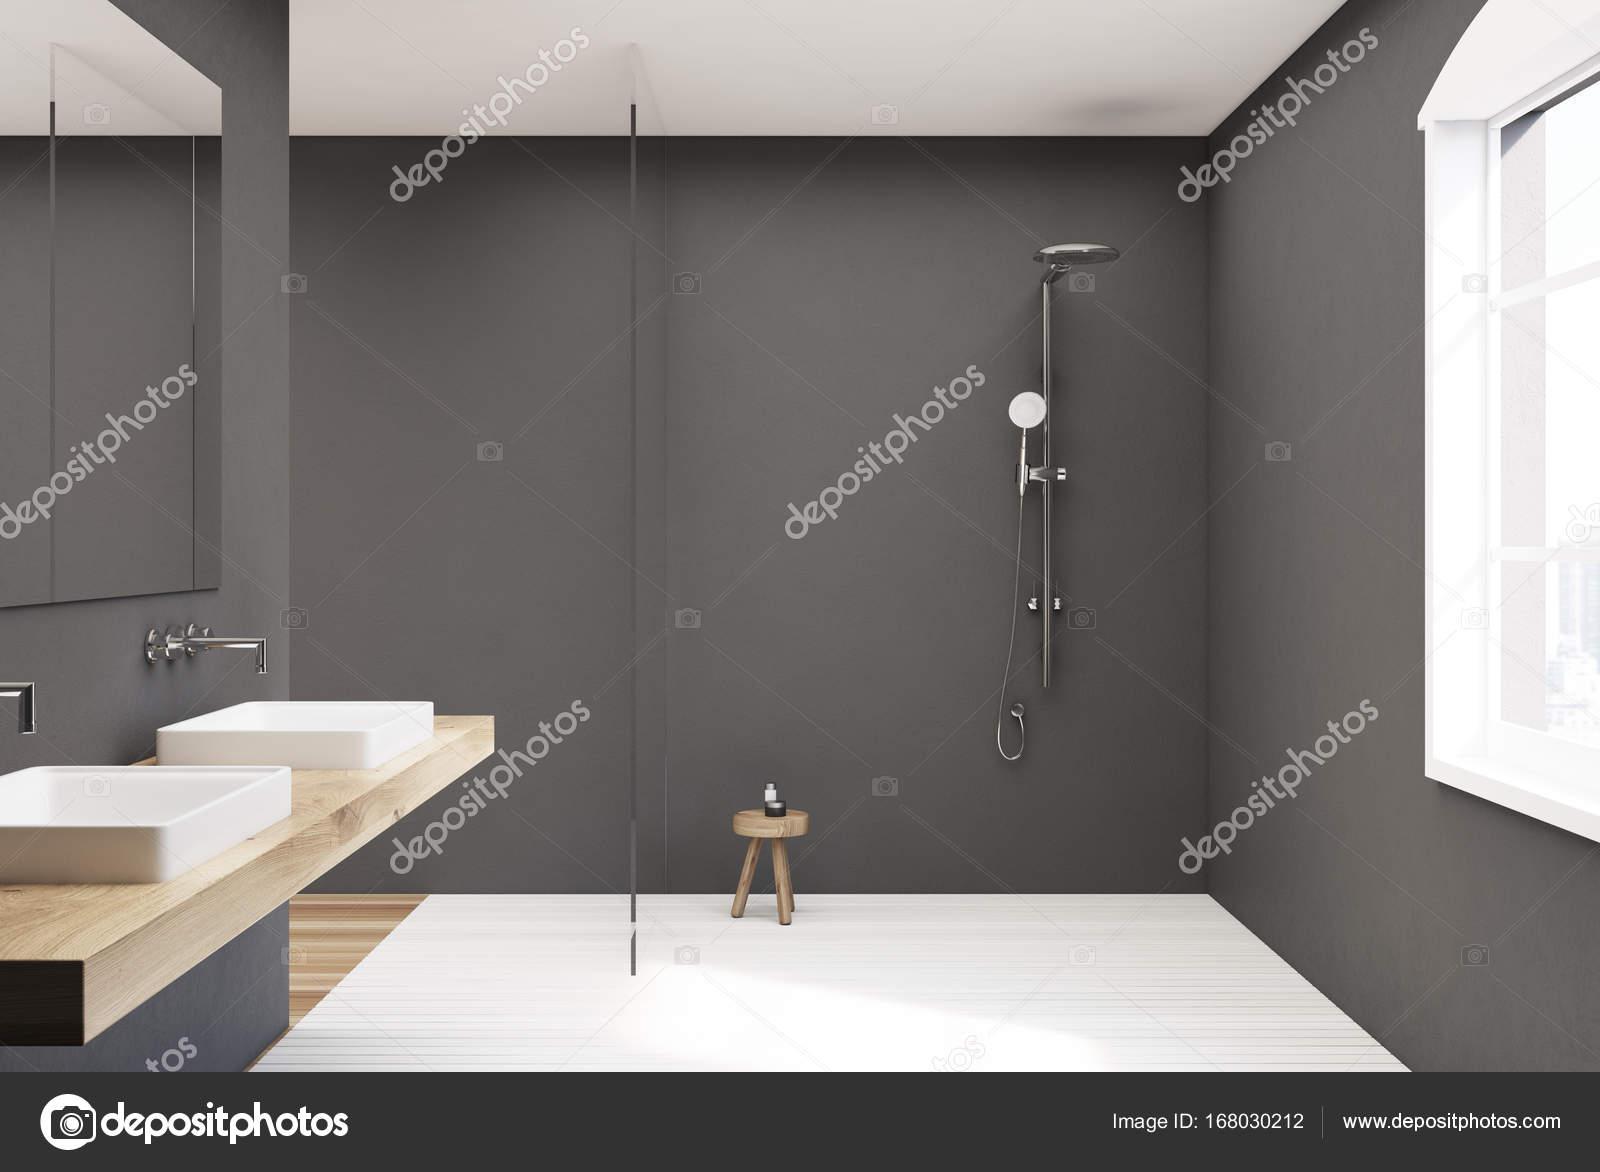 Imágenes: duchas | Ducha, doble lavabo y cuarto de baño gris — Foto ...